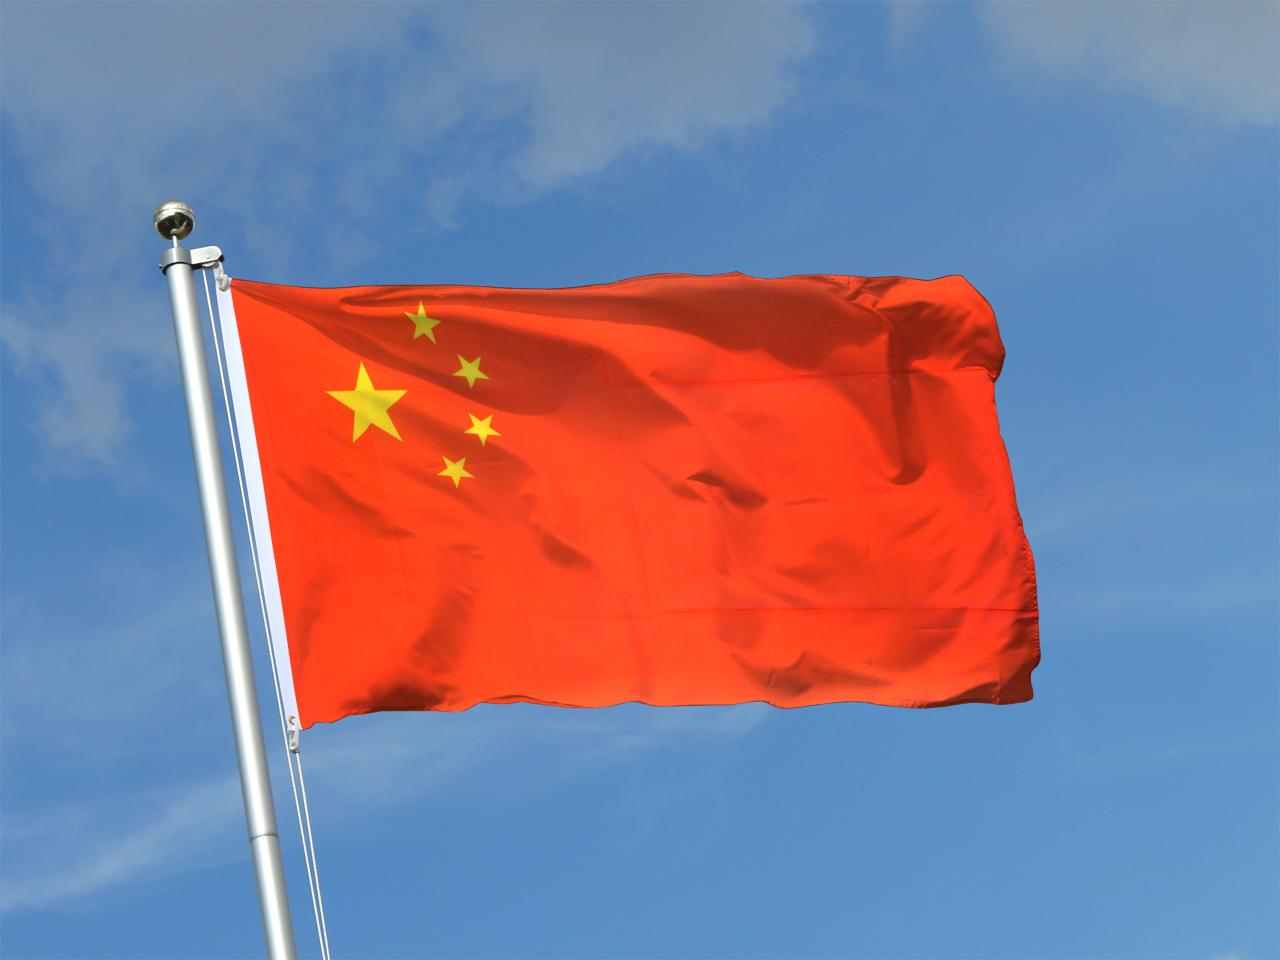 Acheter Drapeau Chine 90 X 150 Cm Monsieur Des Drapeaux